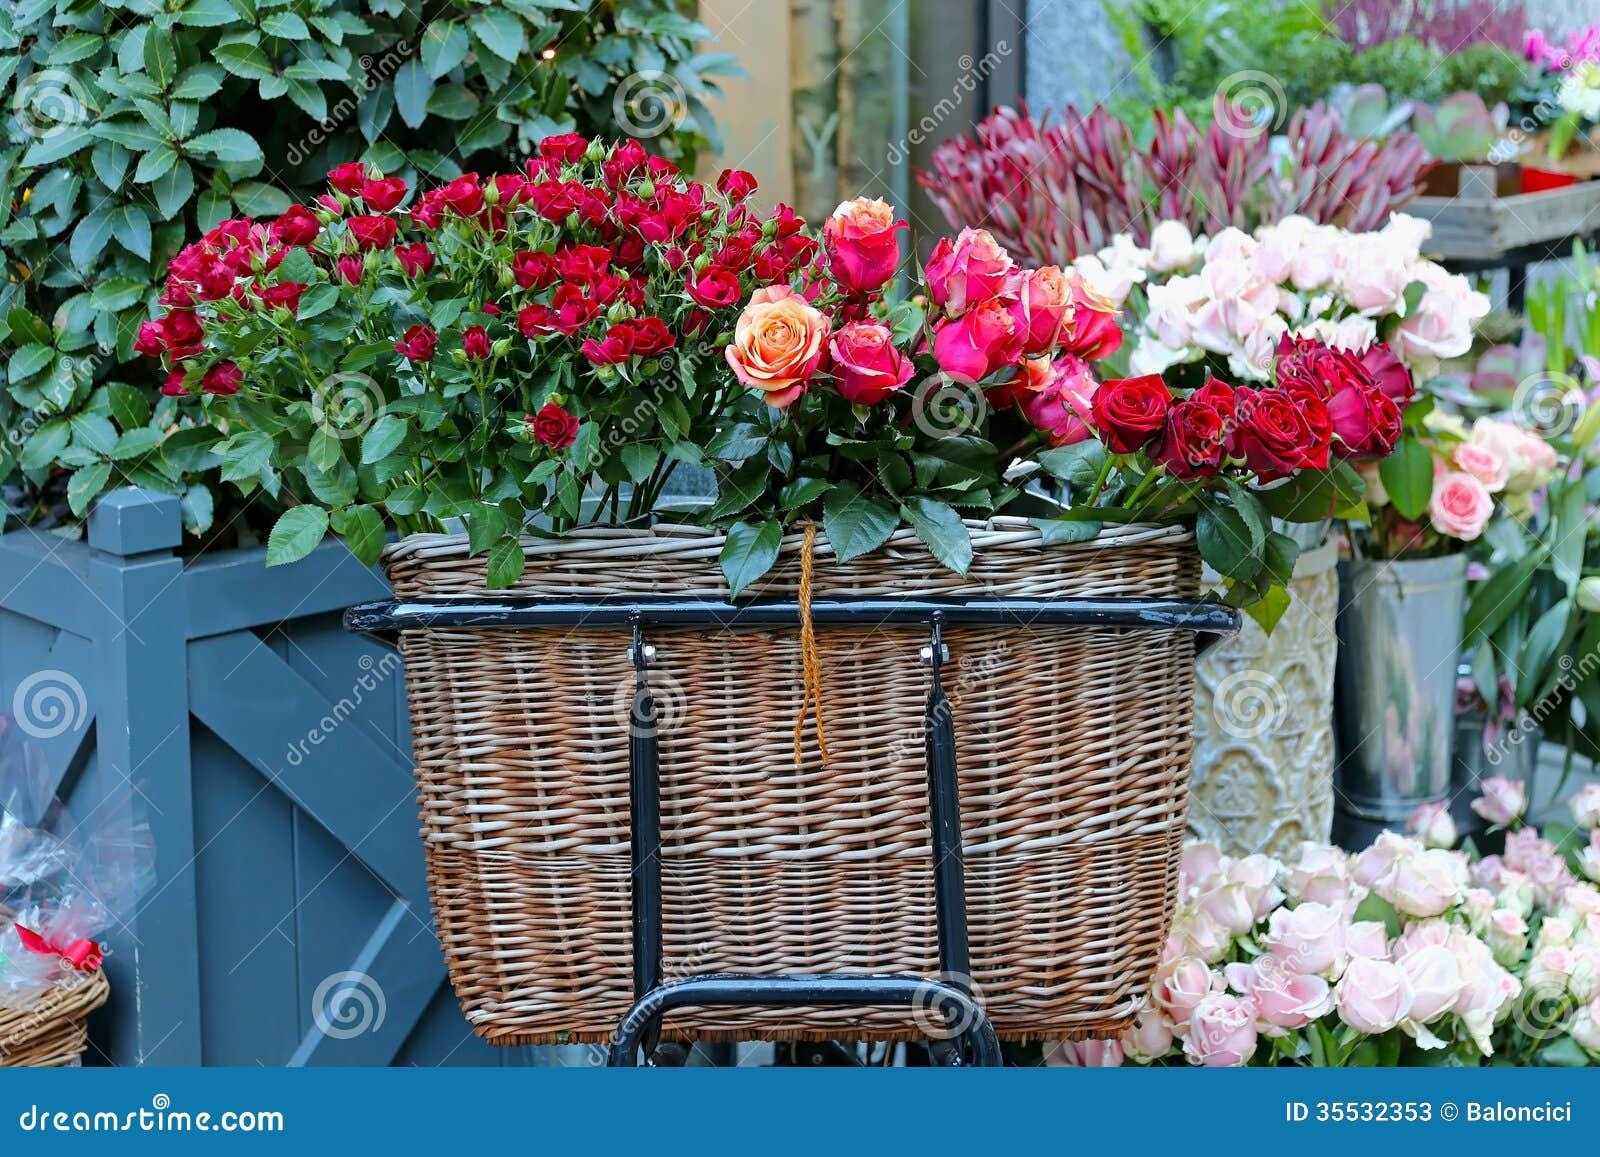 Panier De Fleurs Fraîches : Panier des roses image stock du fleur rosebud